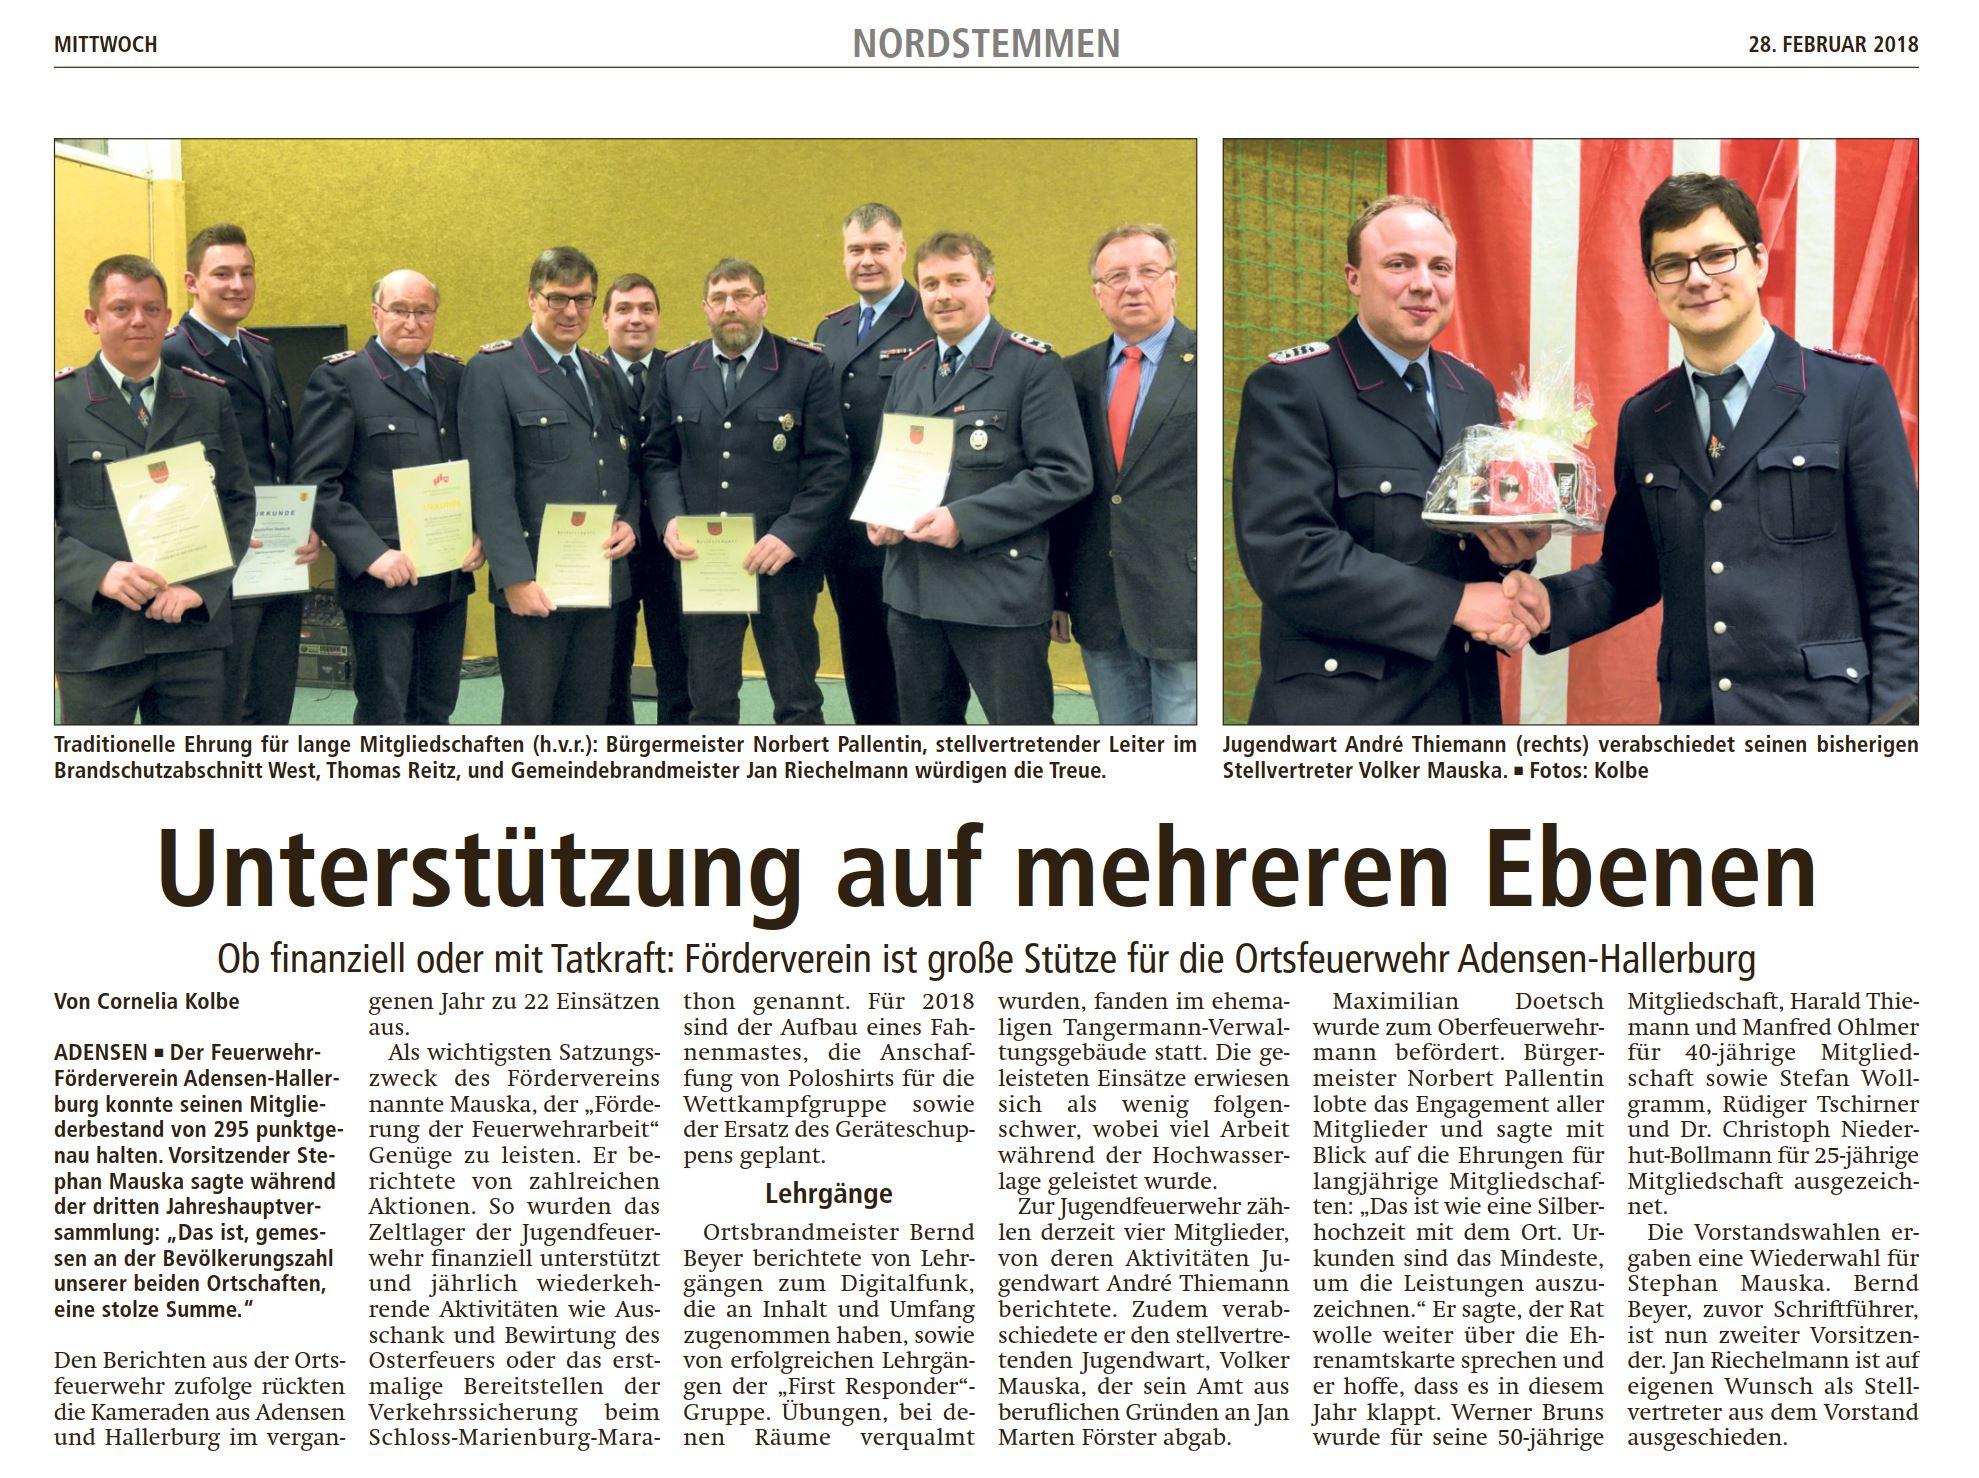 20180228_LDZ Ortsfeuerwehr Adensen-Hallerburg